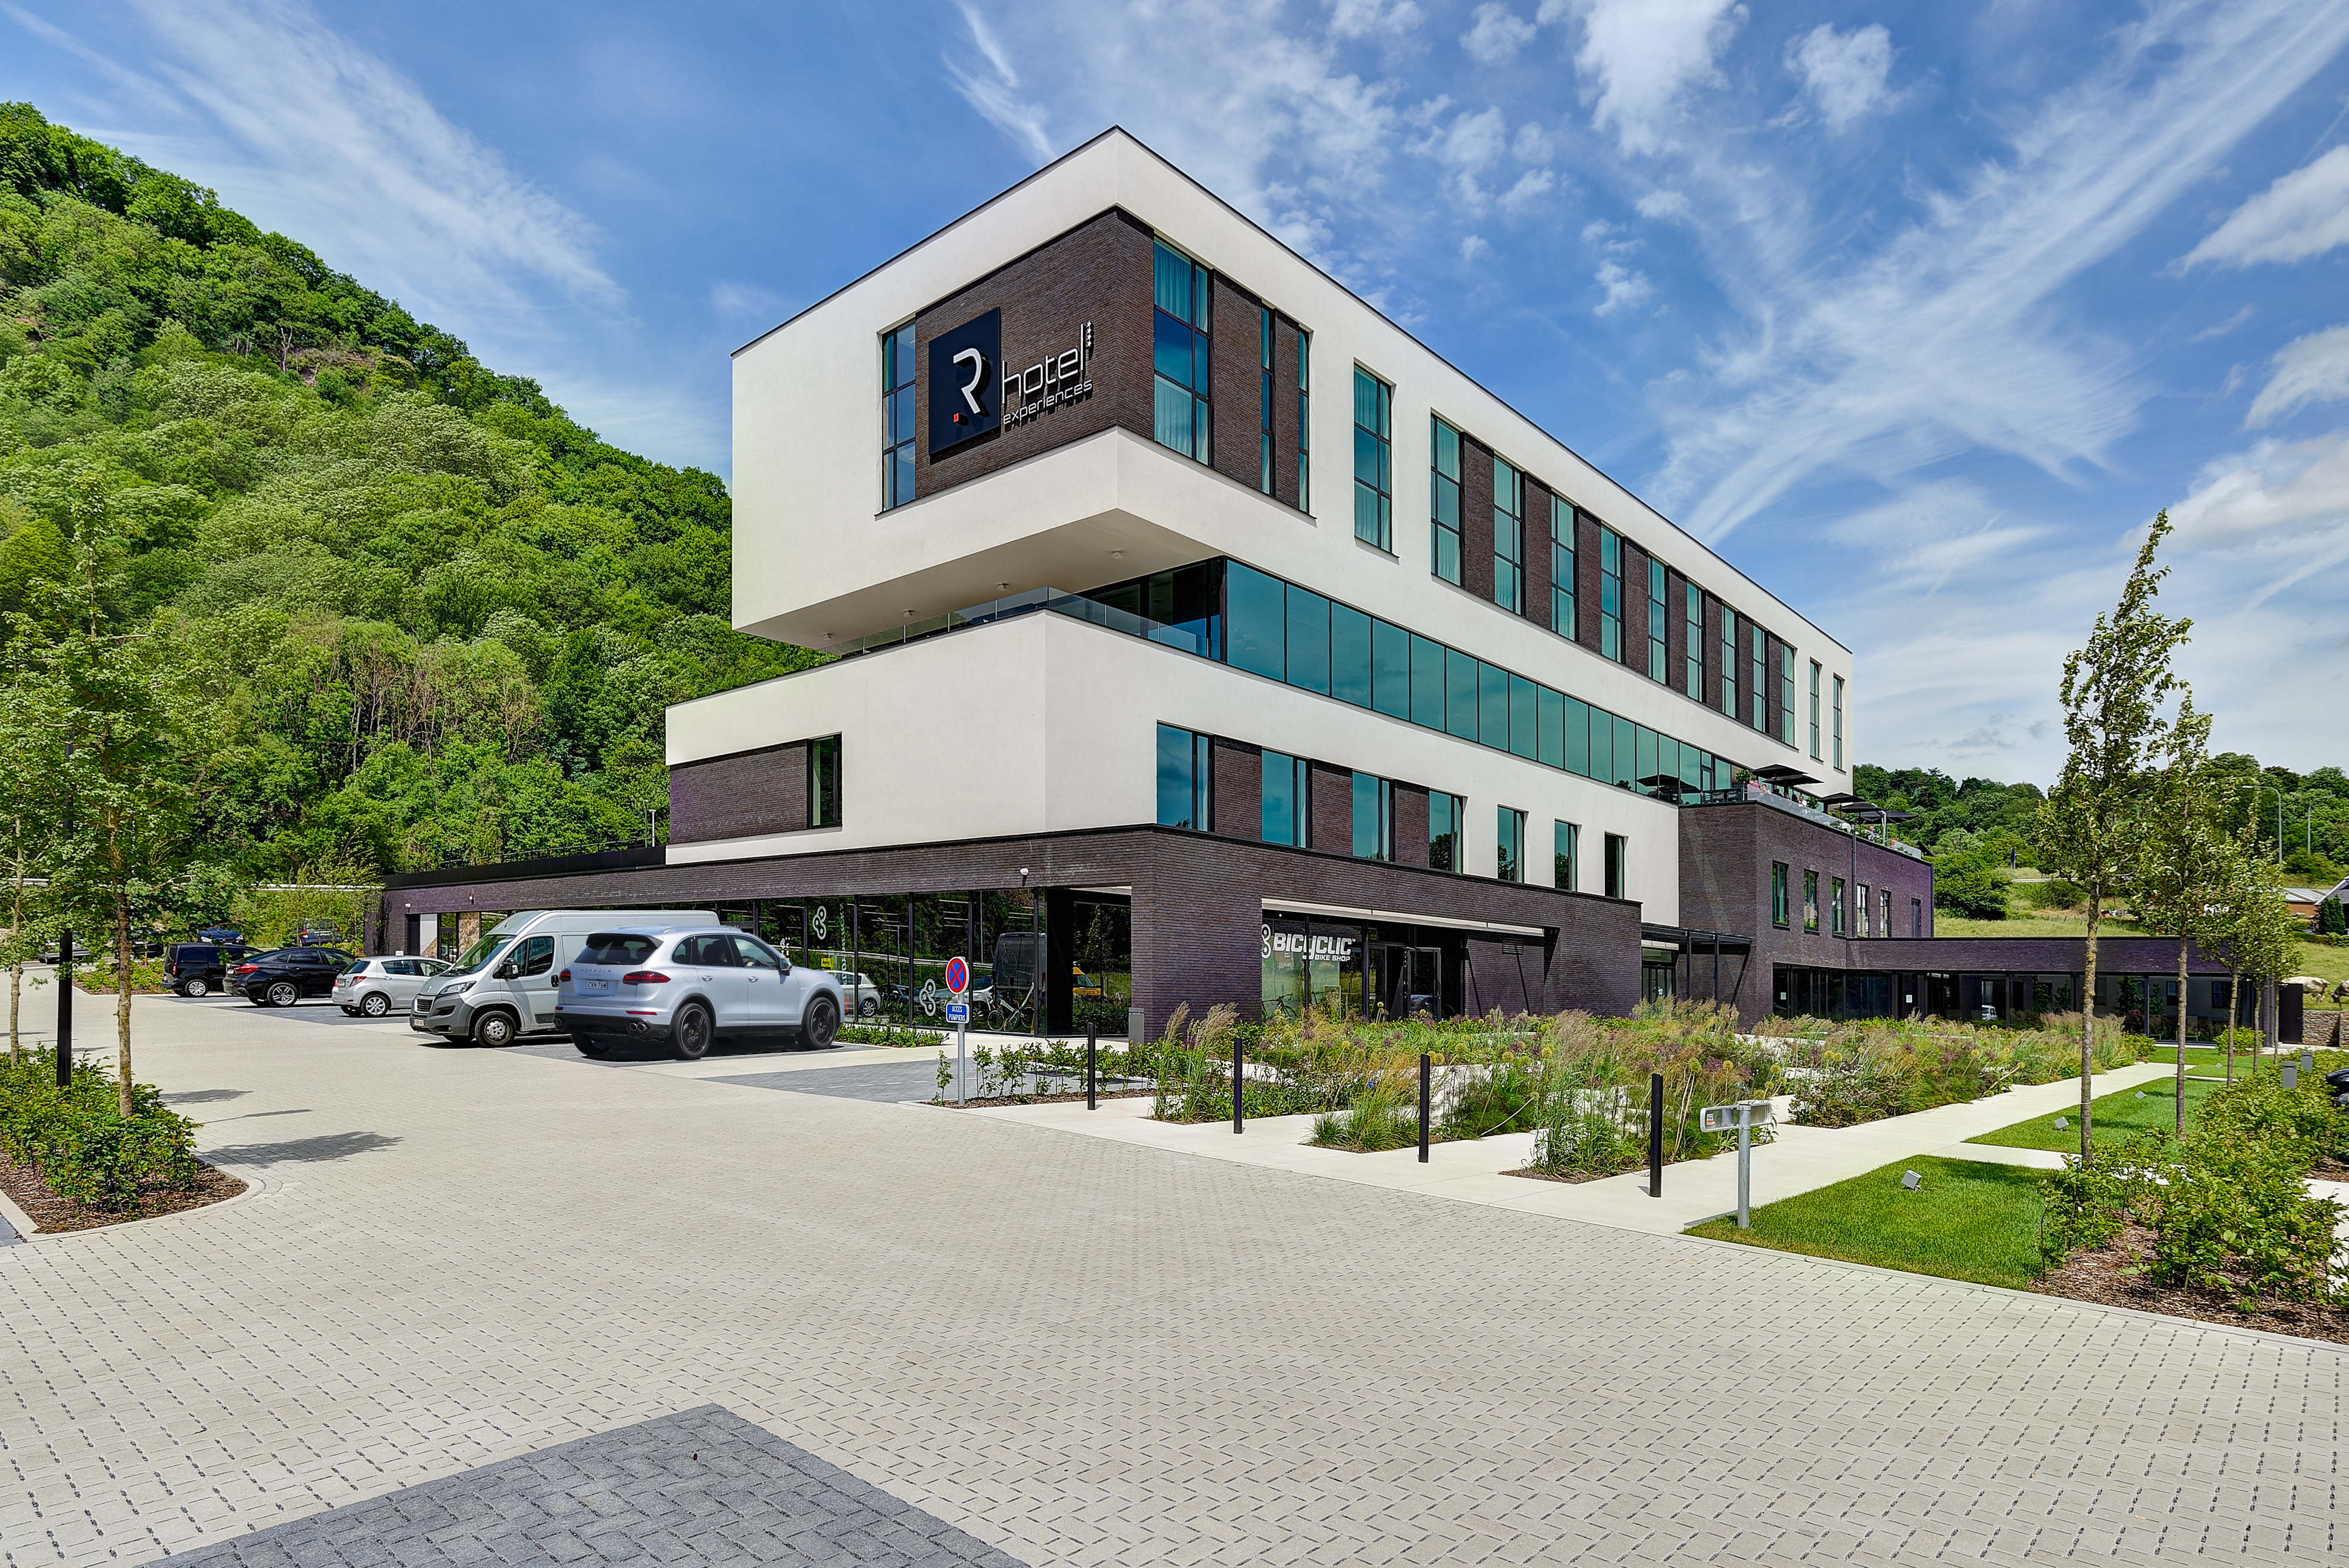 R-Hotel exterieur